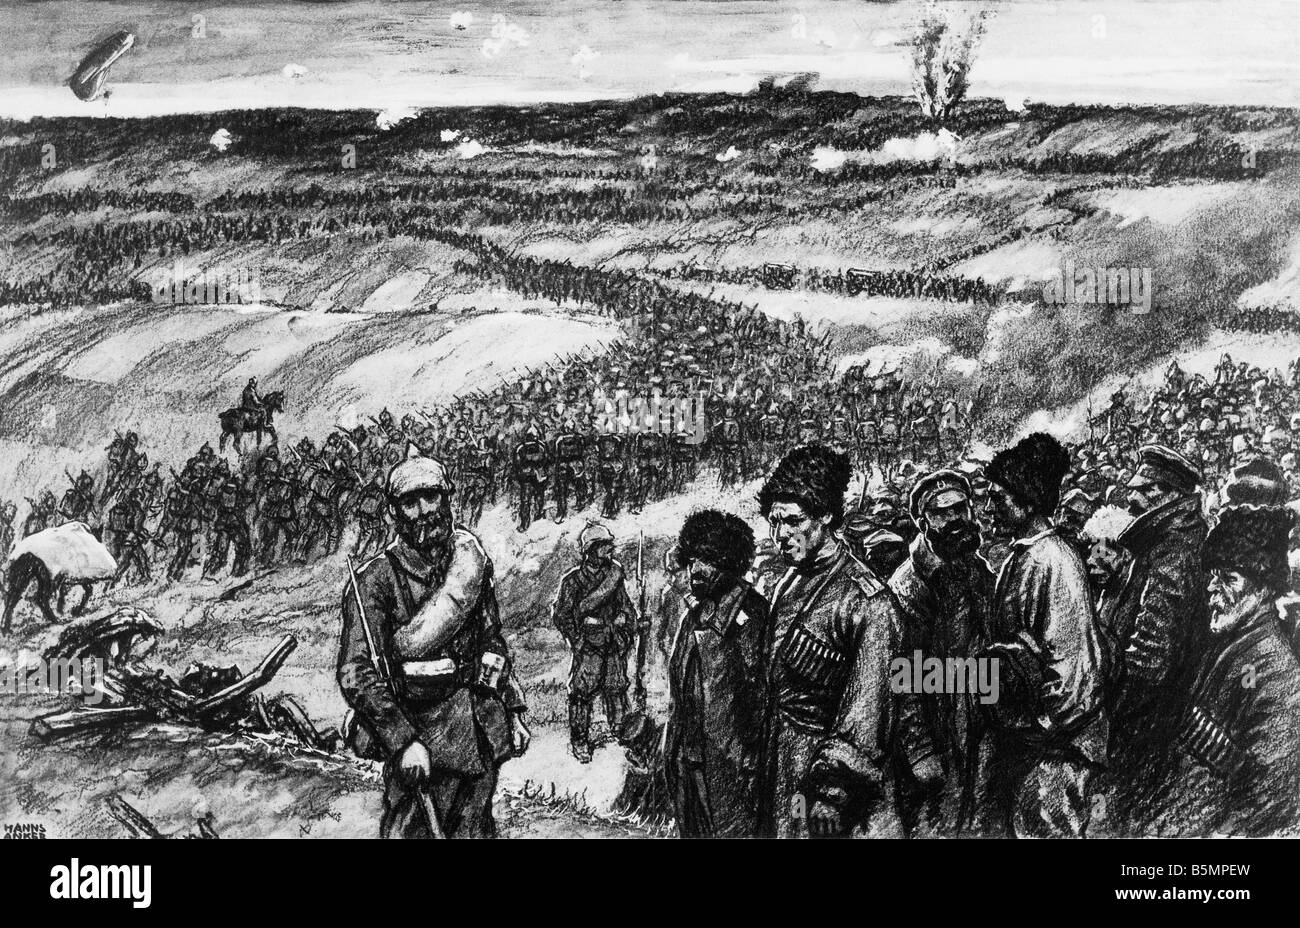 9 1914 826 A1 3 Bataille de Tannenberg Anker World War 1 Front de l'Est Bataille de Tannenberg Masuren la Prusse de l'est du 26 au 30 t Banque D'Images